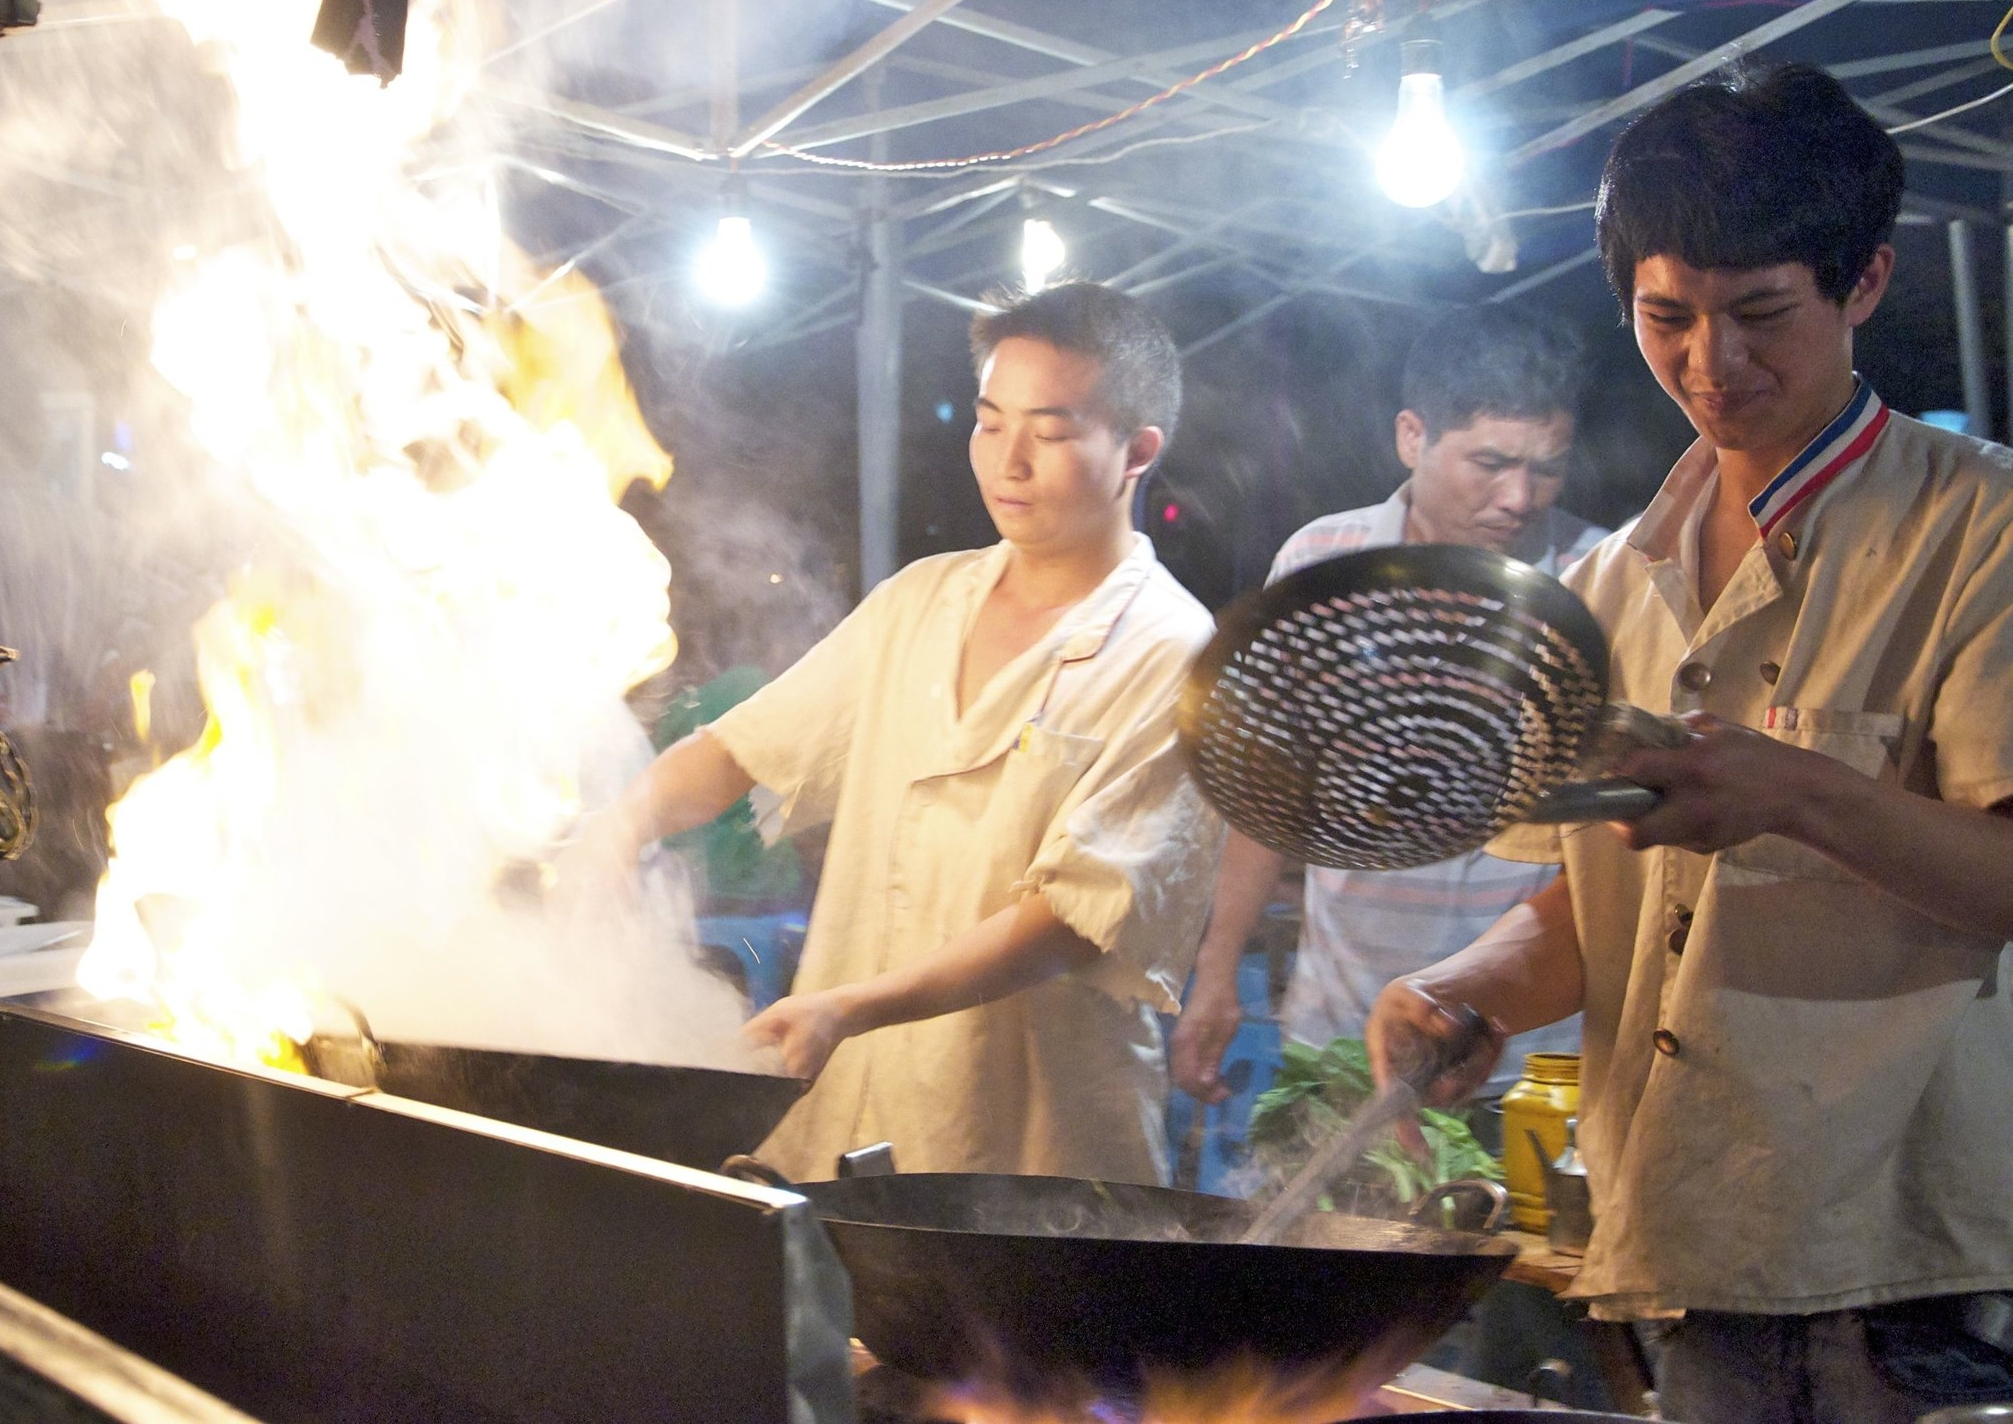 Chefs preparing street food in Guiyang